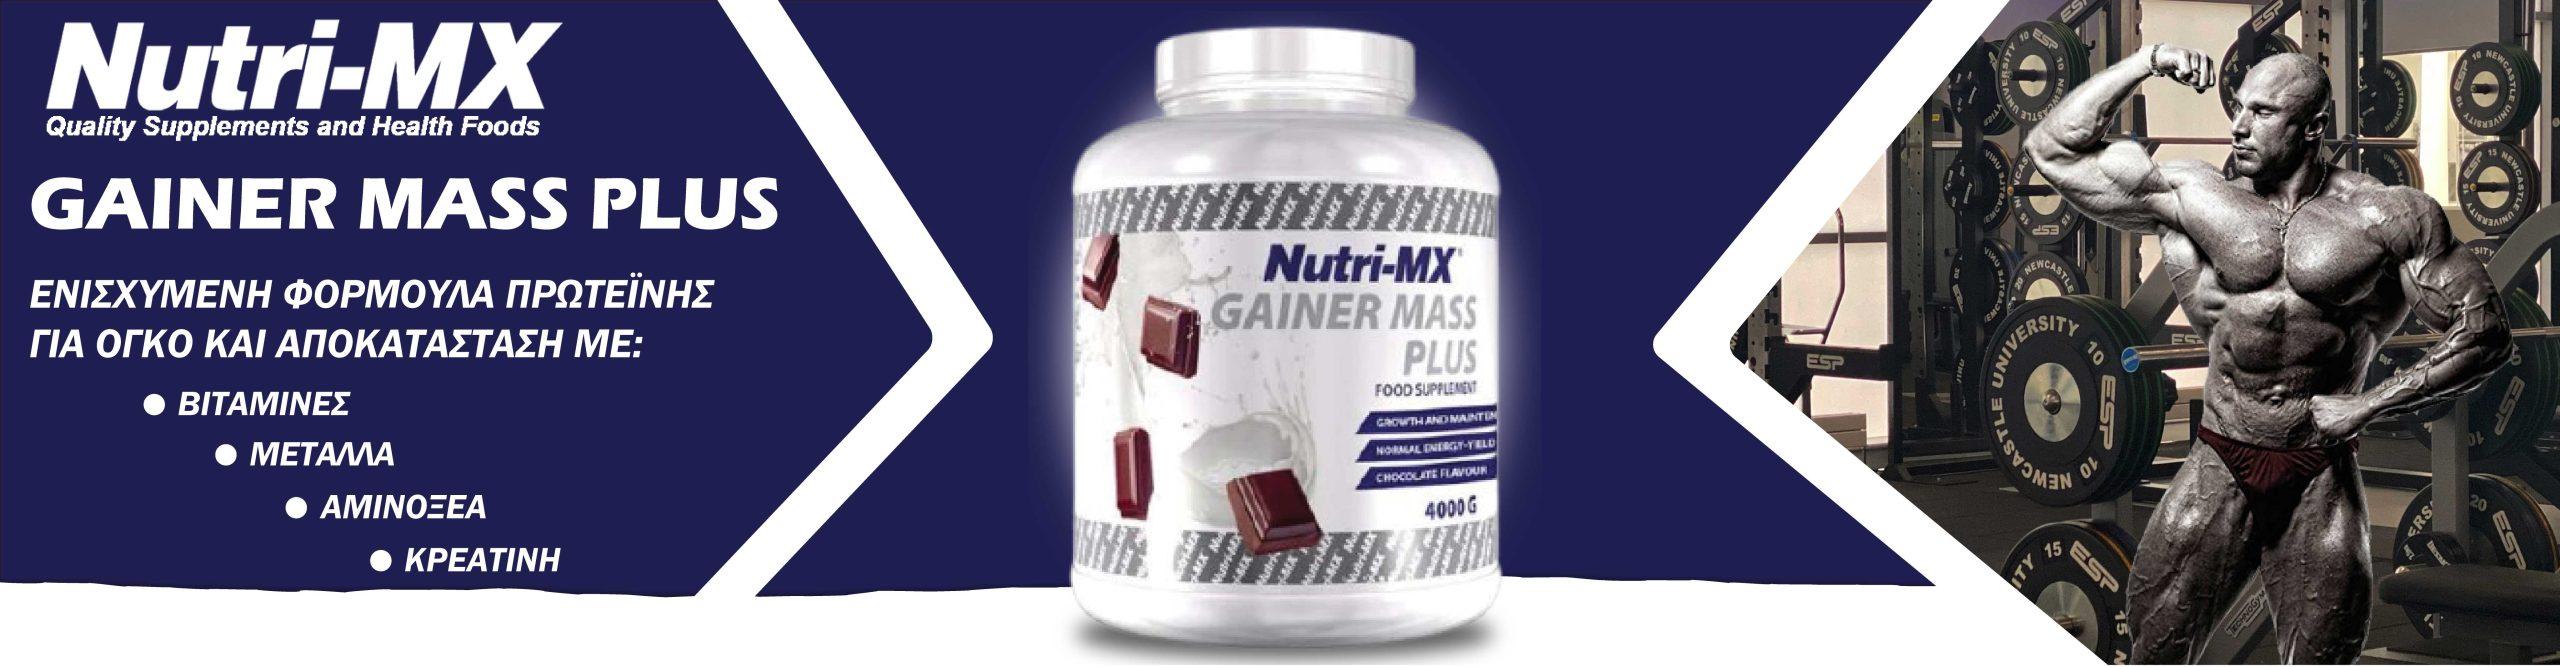 Nutri-MX Gainer Mass Plus